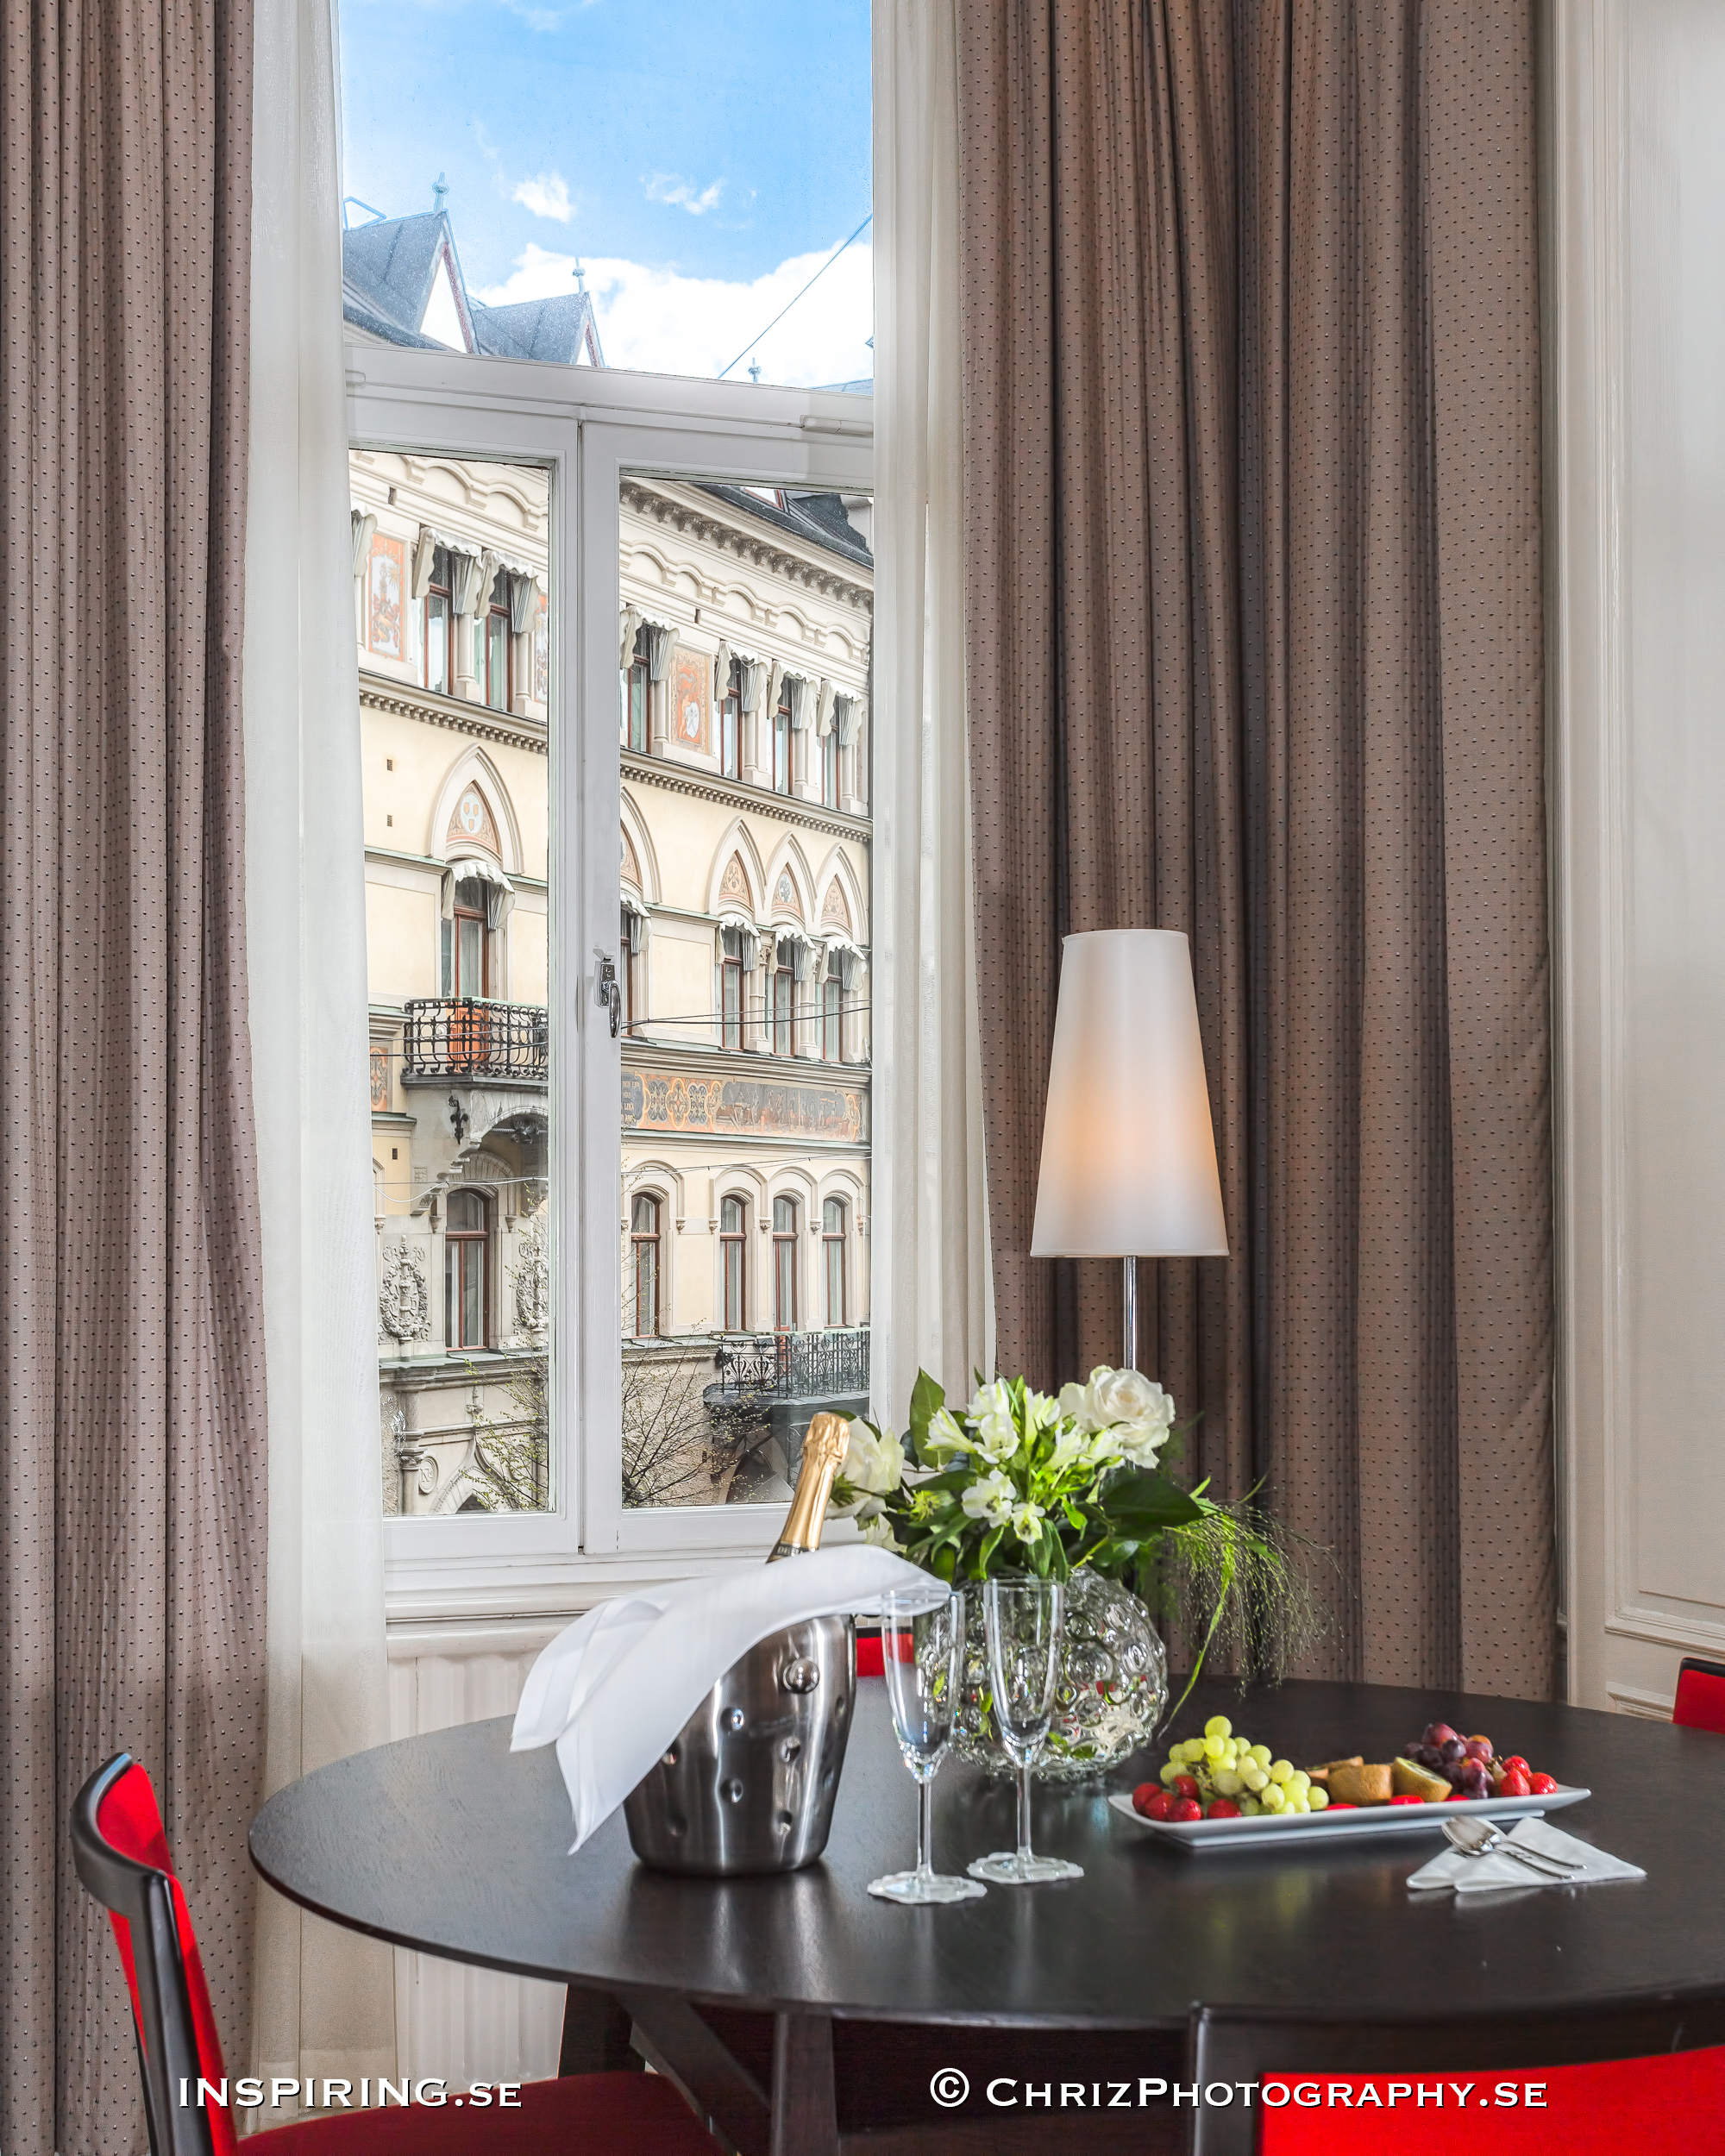 Elite_Hotel_Knaust_Inspiring.se_copyright_ChrizPhotography.se_9.jpg